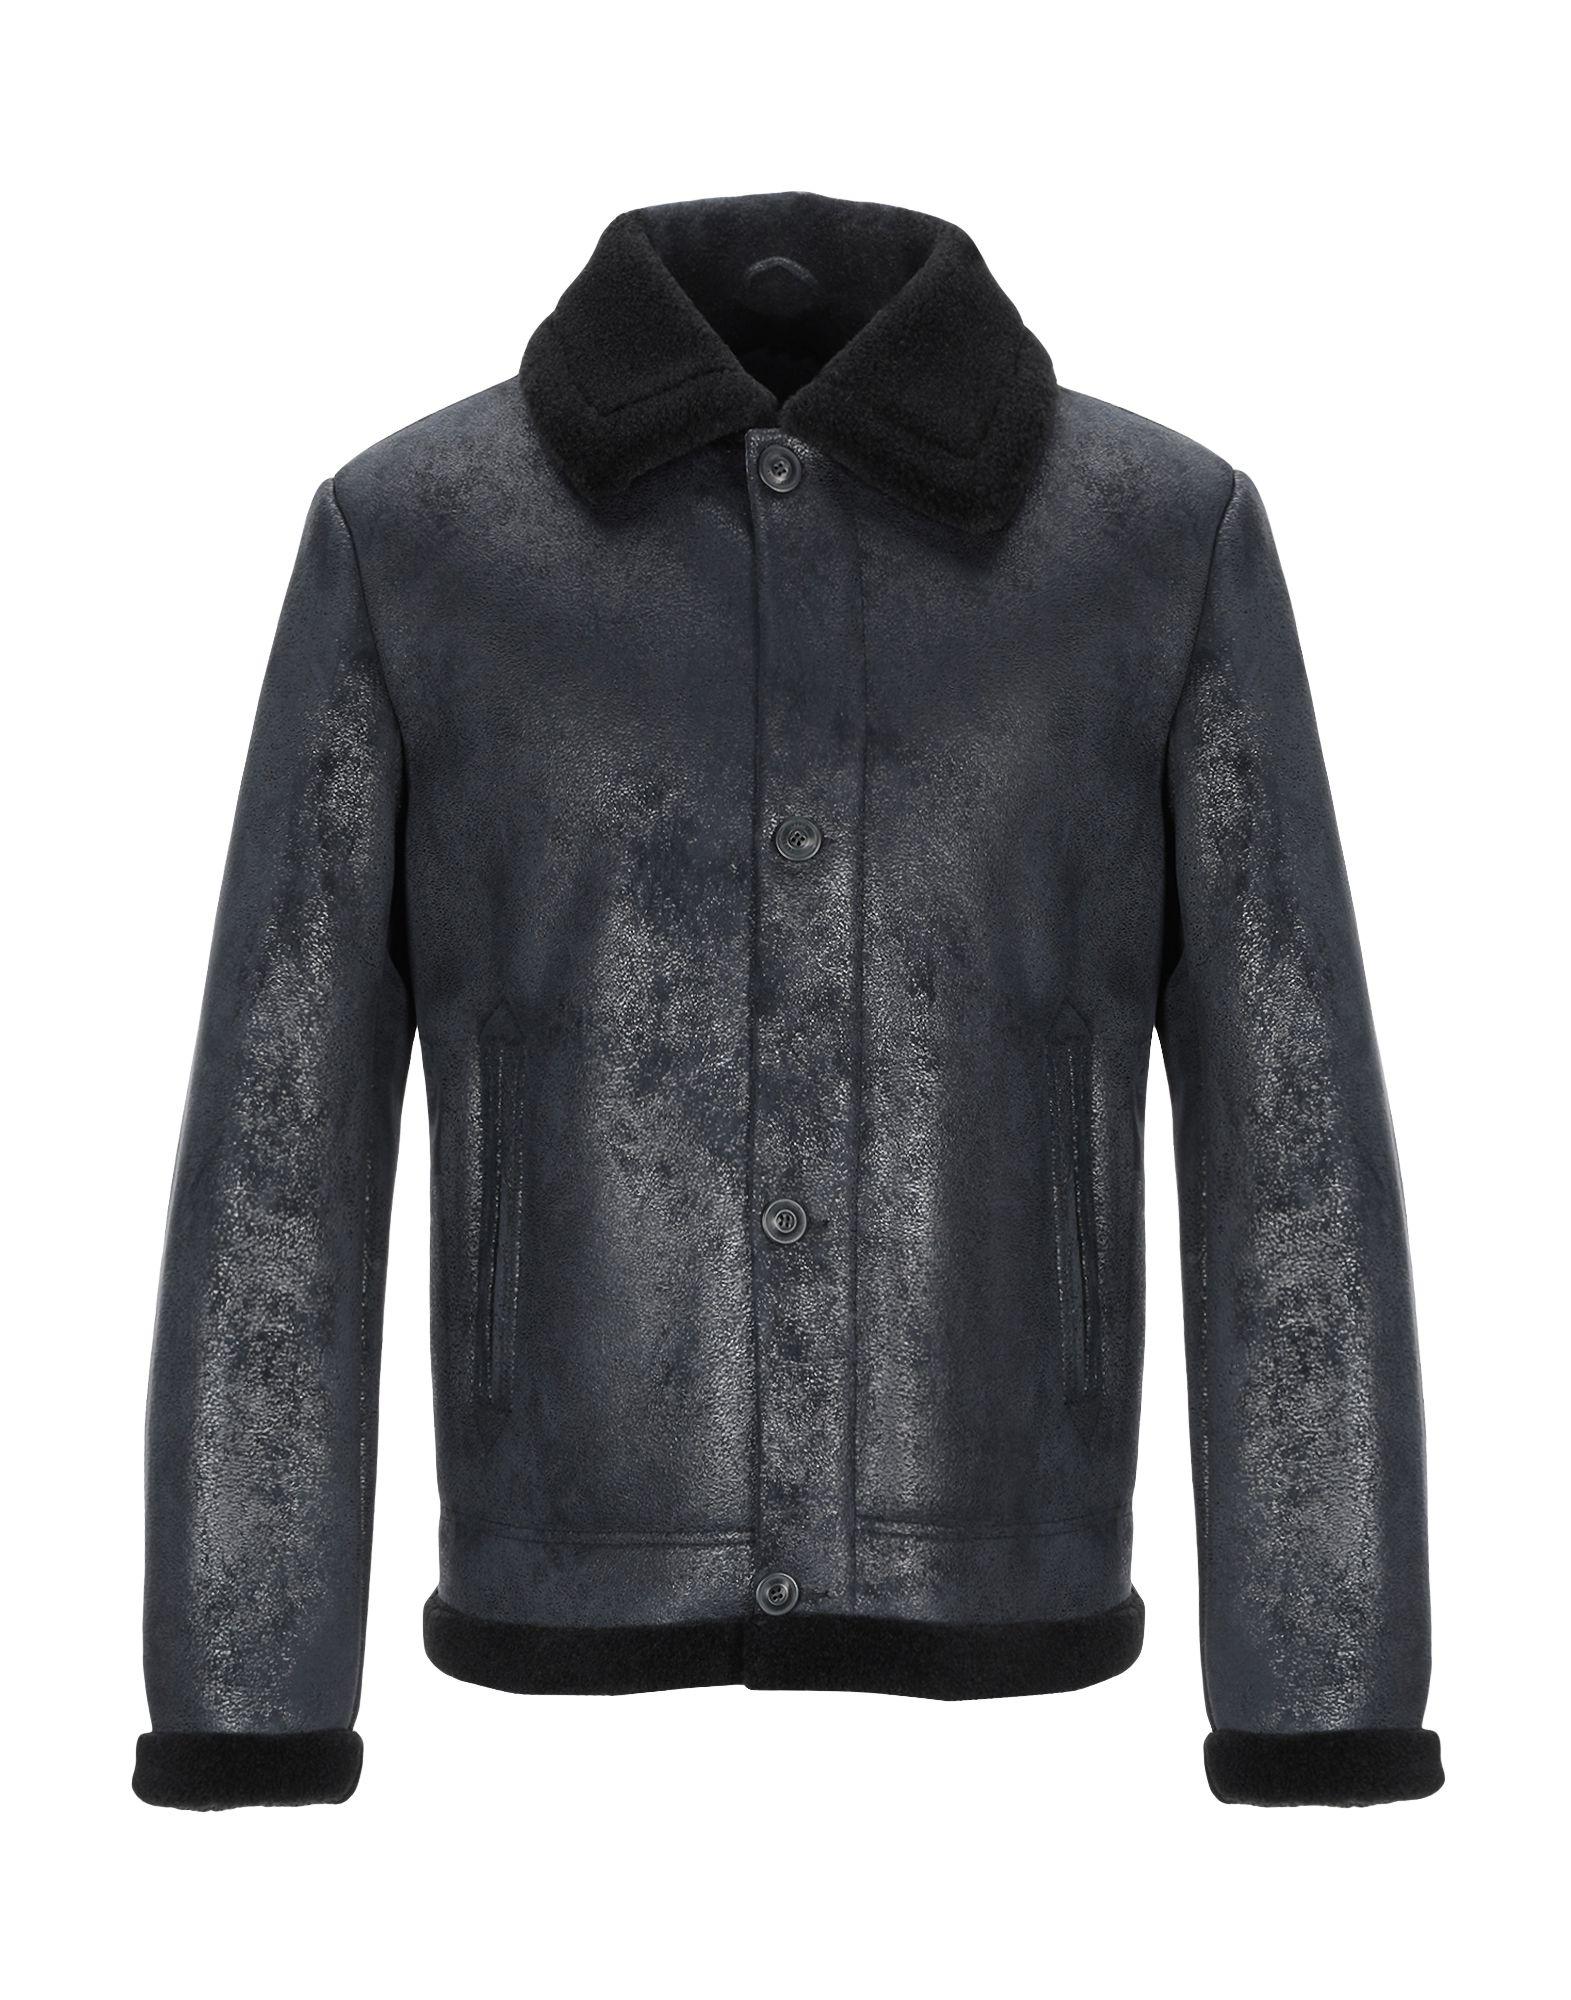 9bedfc0113c7 Куртка мужская trussardi jeans цвет черный 52s00268 1y090504_k299 ...